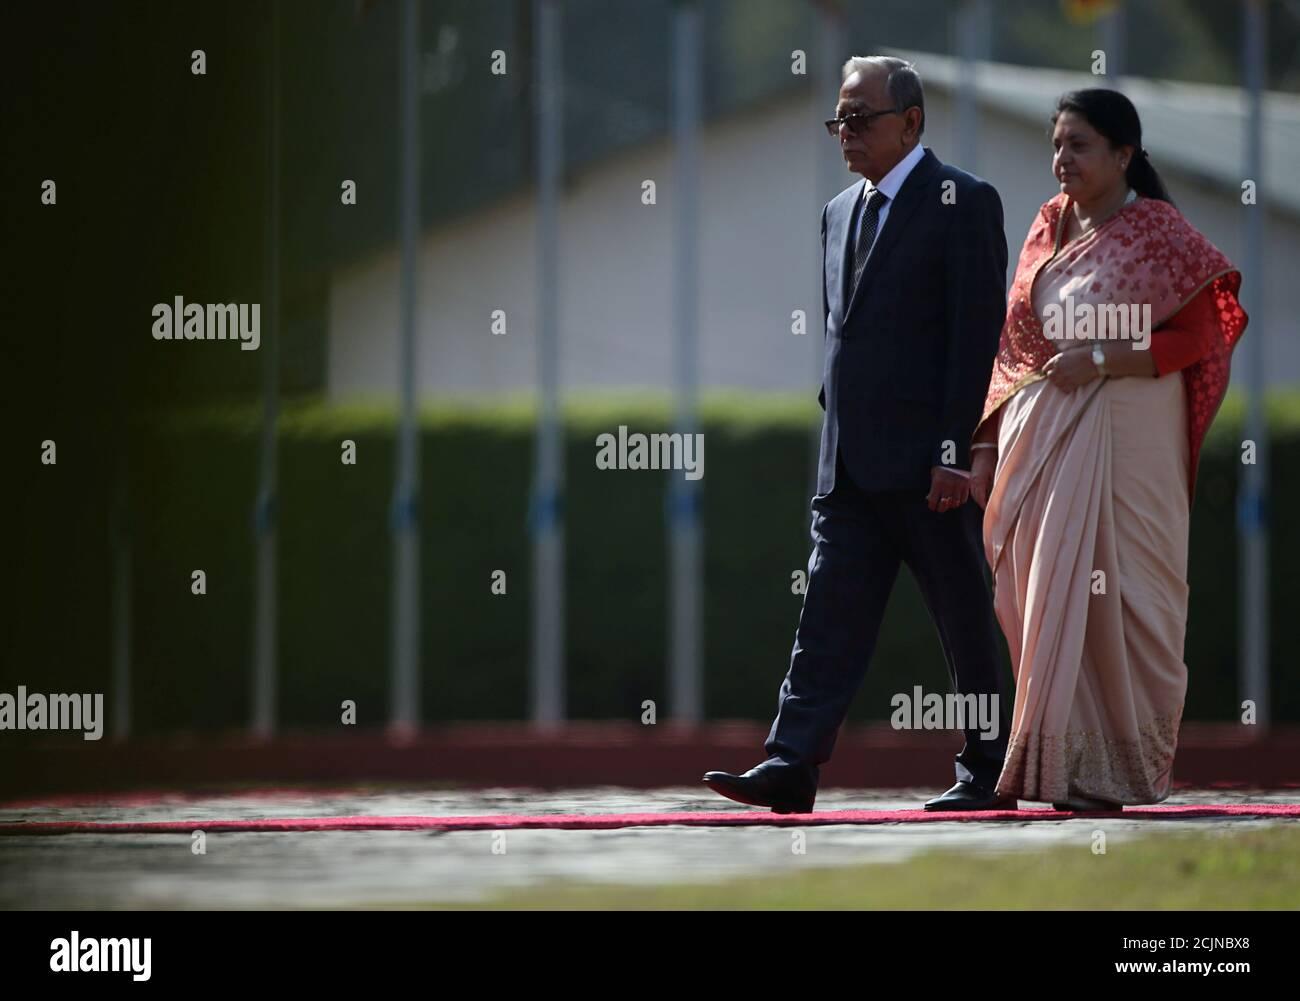 Der Präsident von Bangladesch, Abdul Hamid, geht mit Nepals Präsident Bidhya Devi Bhandari zusammen, um die Ehrenwache bei seiner Ankunft am Tribhuvan International Airport in Kathmandu, Nepal, zu inspizieren, 12. November 2019. REUTERS/Navesh Chitrakar/Pool Stockfoto